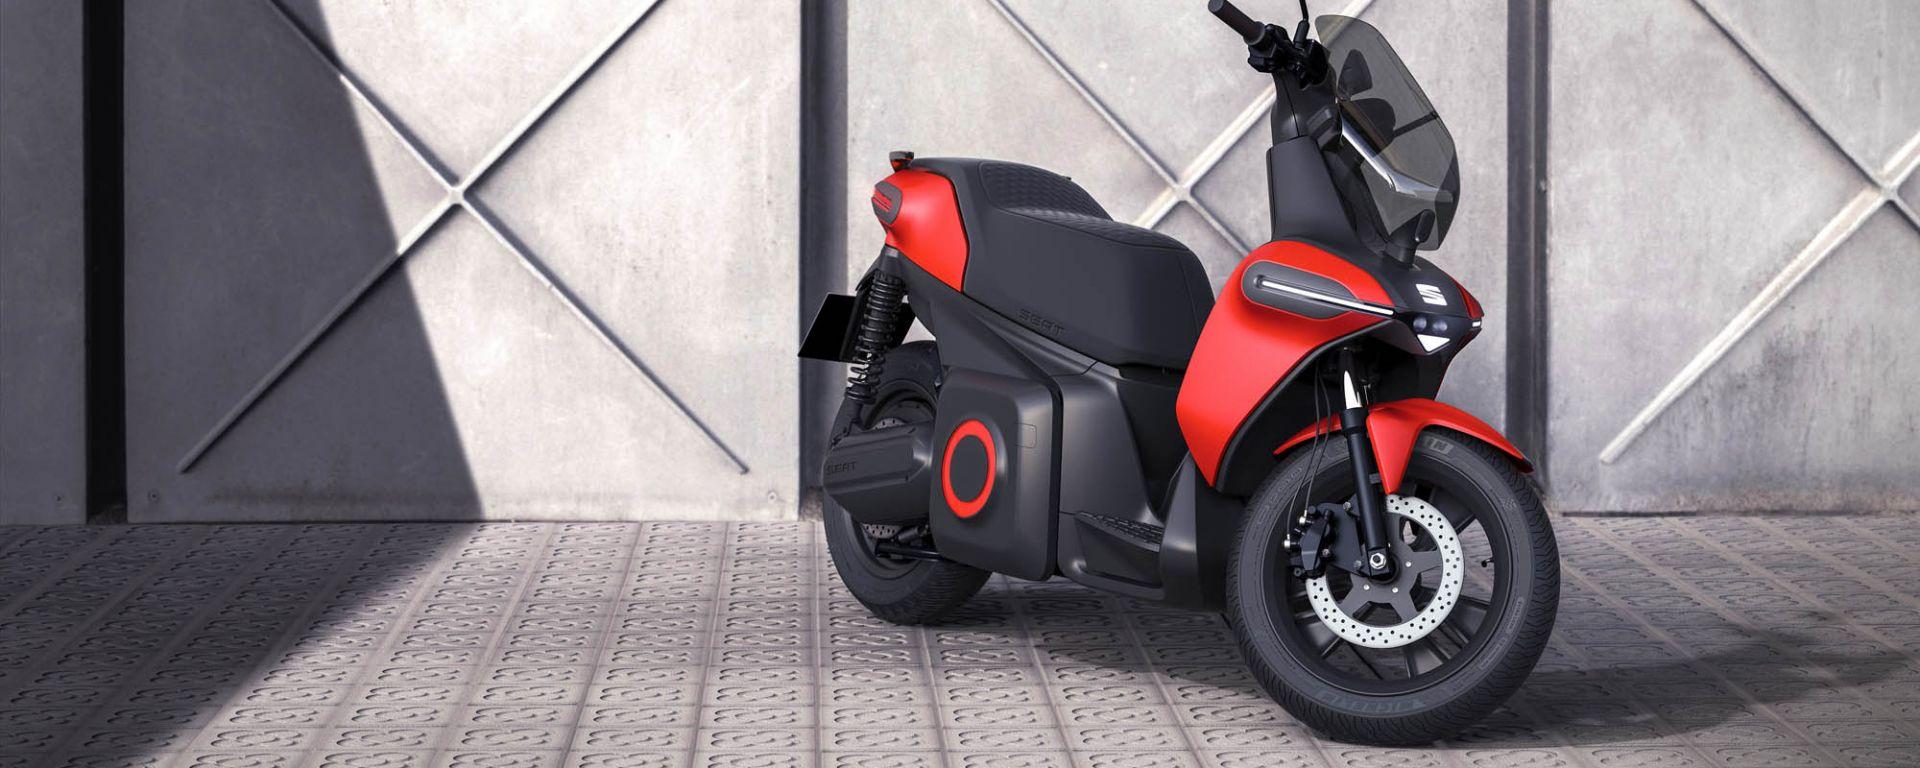 Seat e-Scooter: vista di 3/4 anteriore